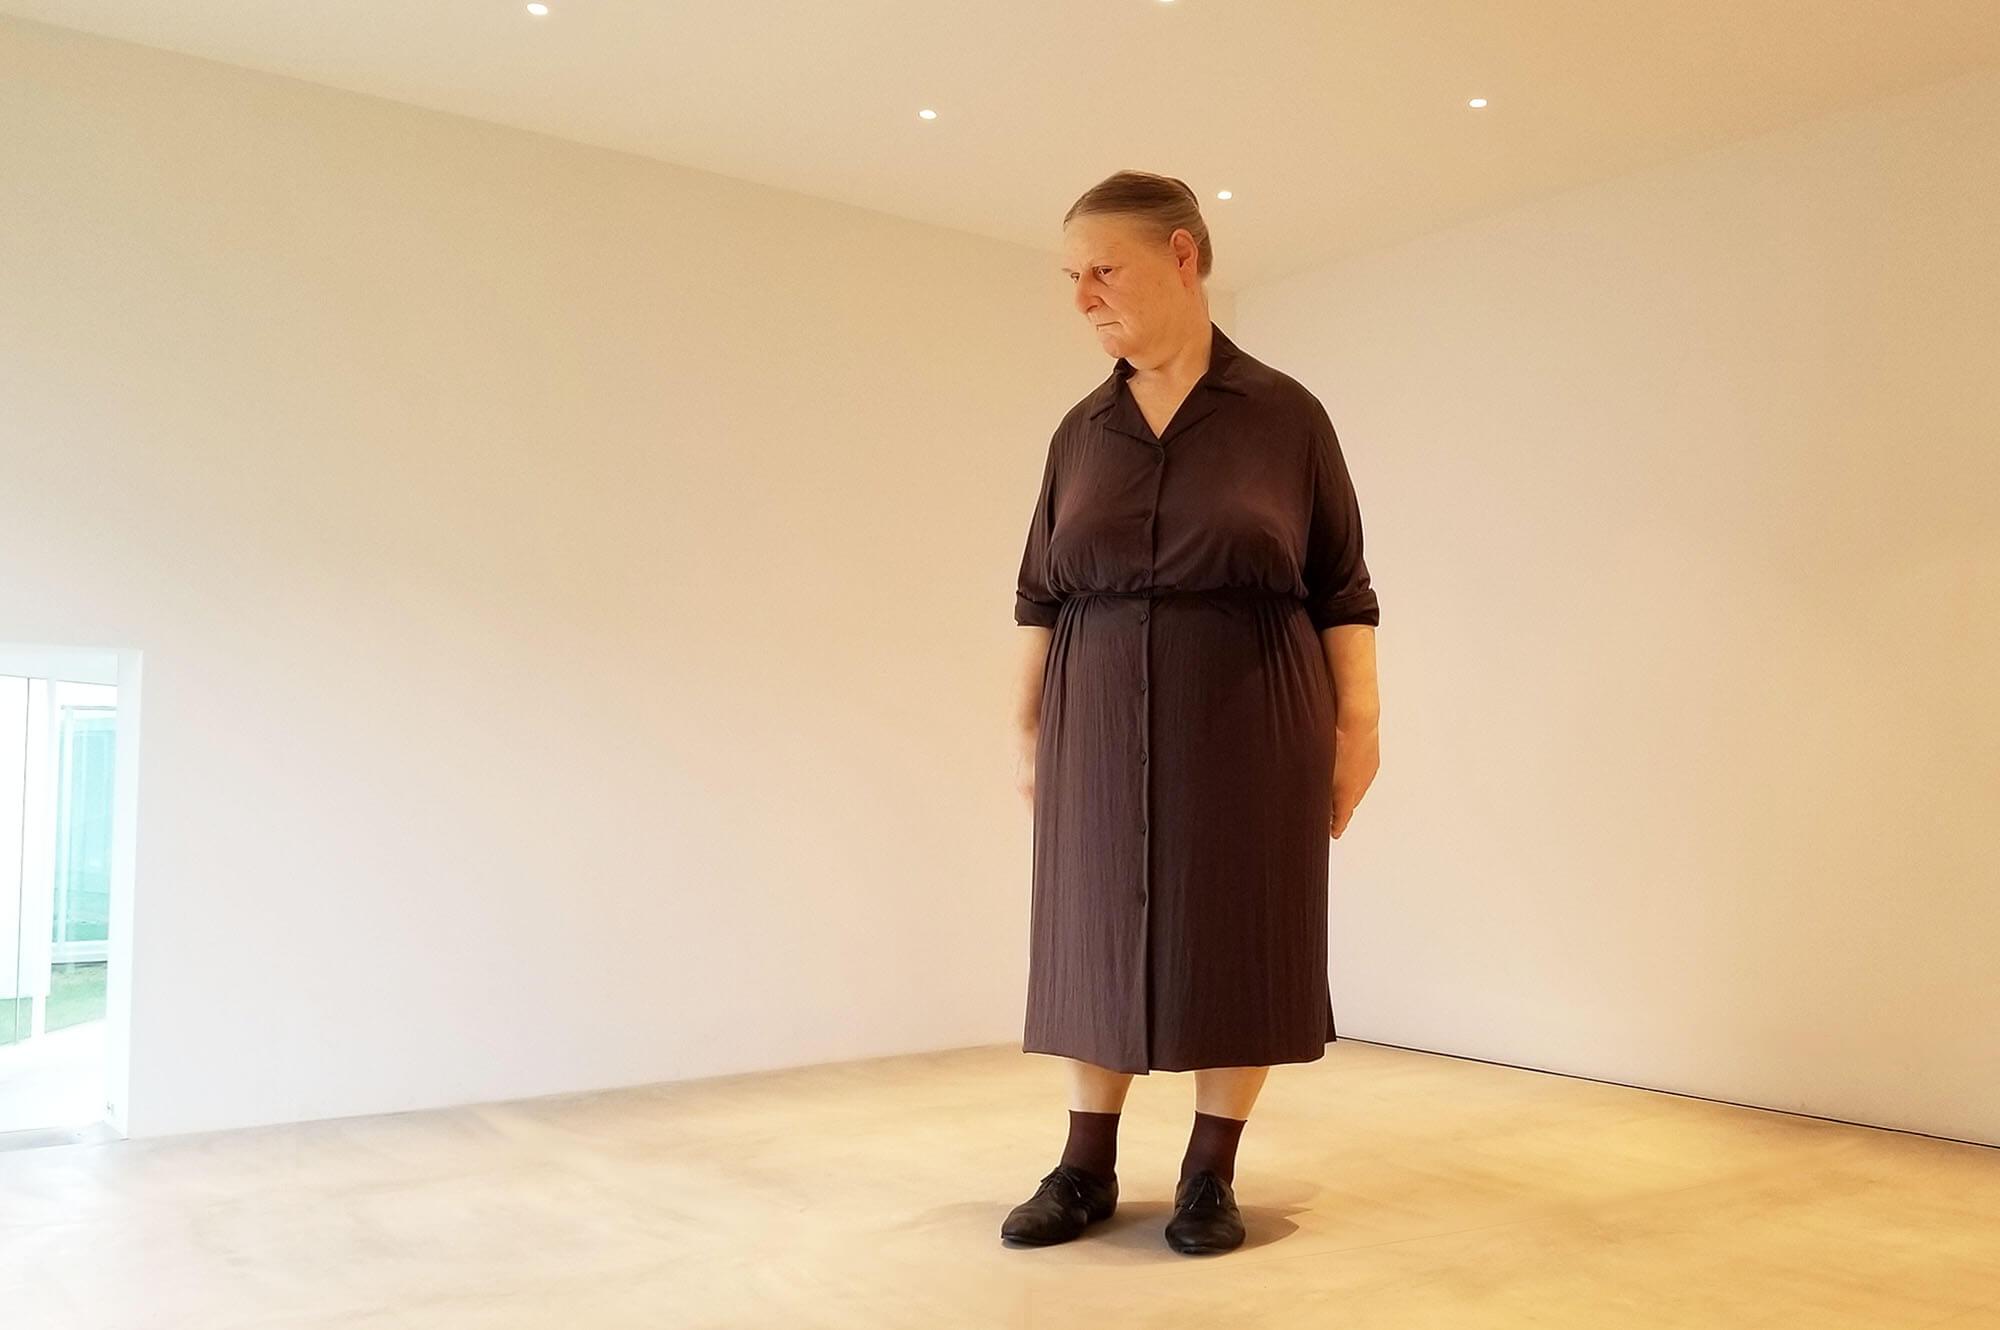 ロン・ミュエク Standing Woman 現代美術 Contemporary Art